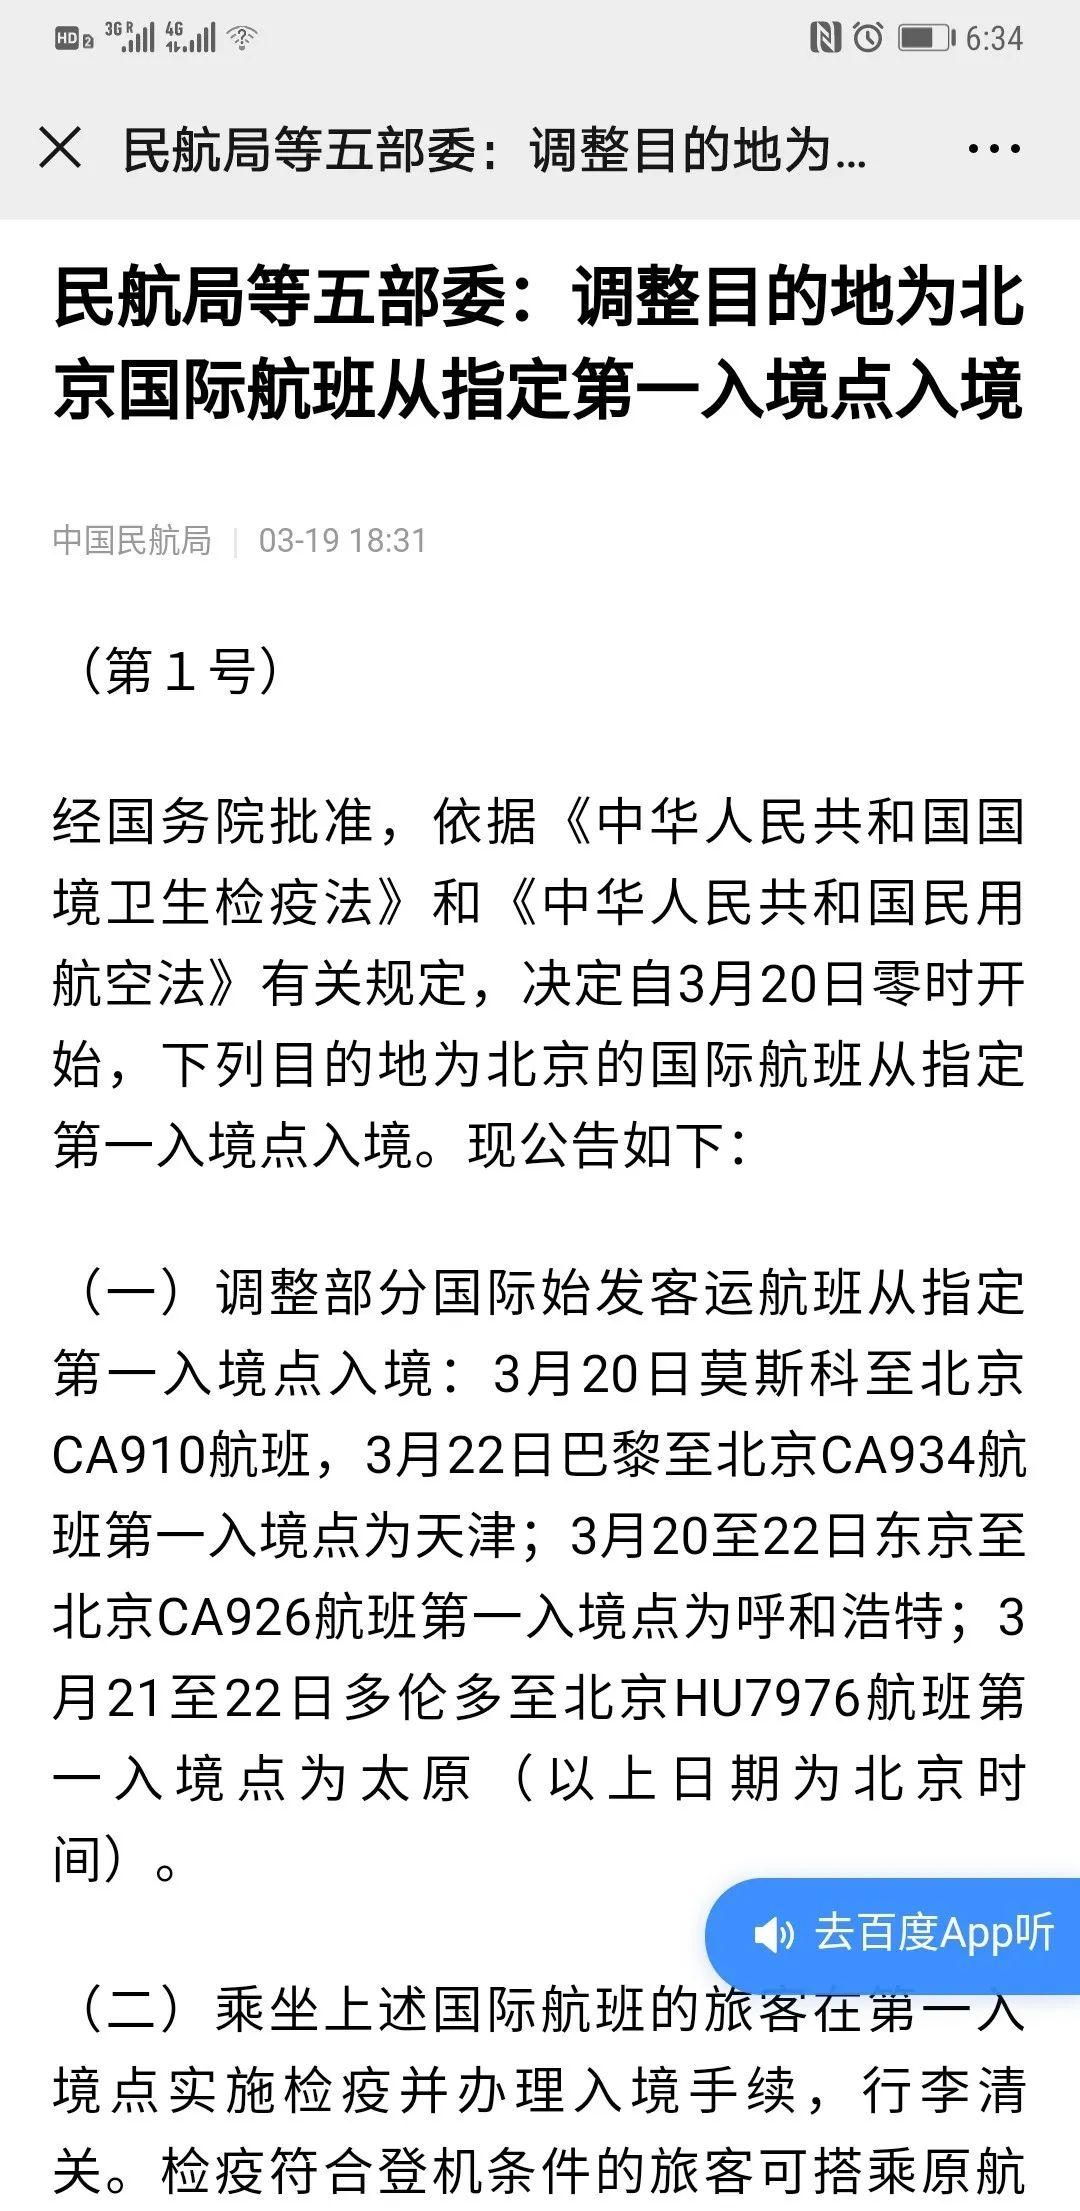 全国国际航班都降到上海?这种谣言不能信